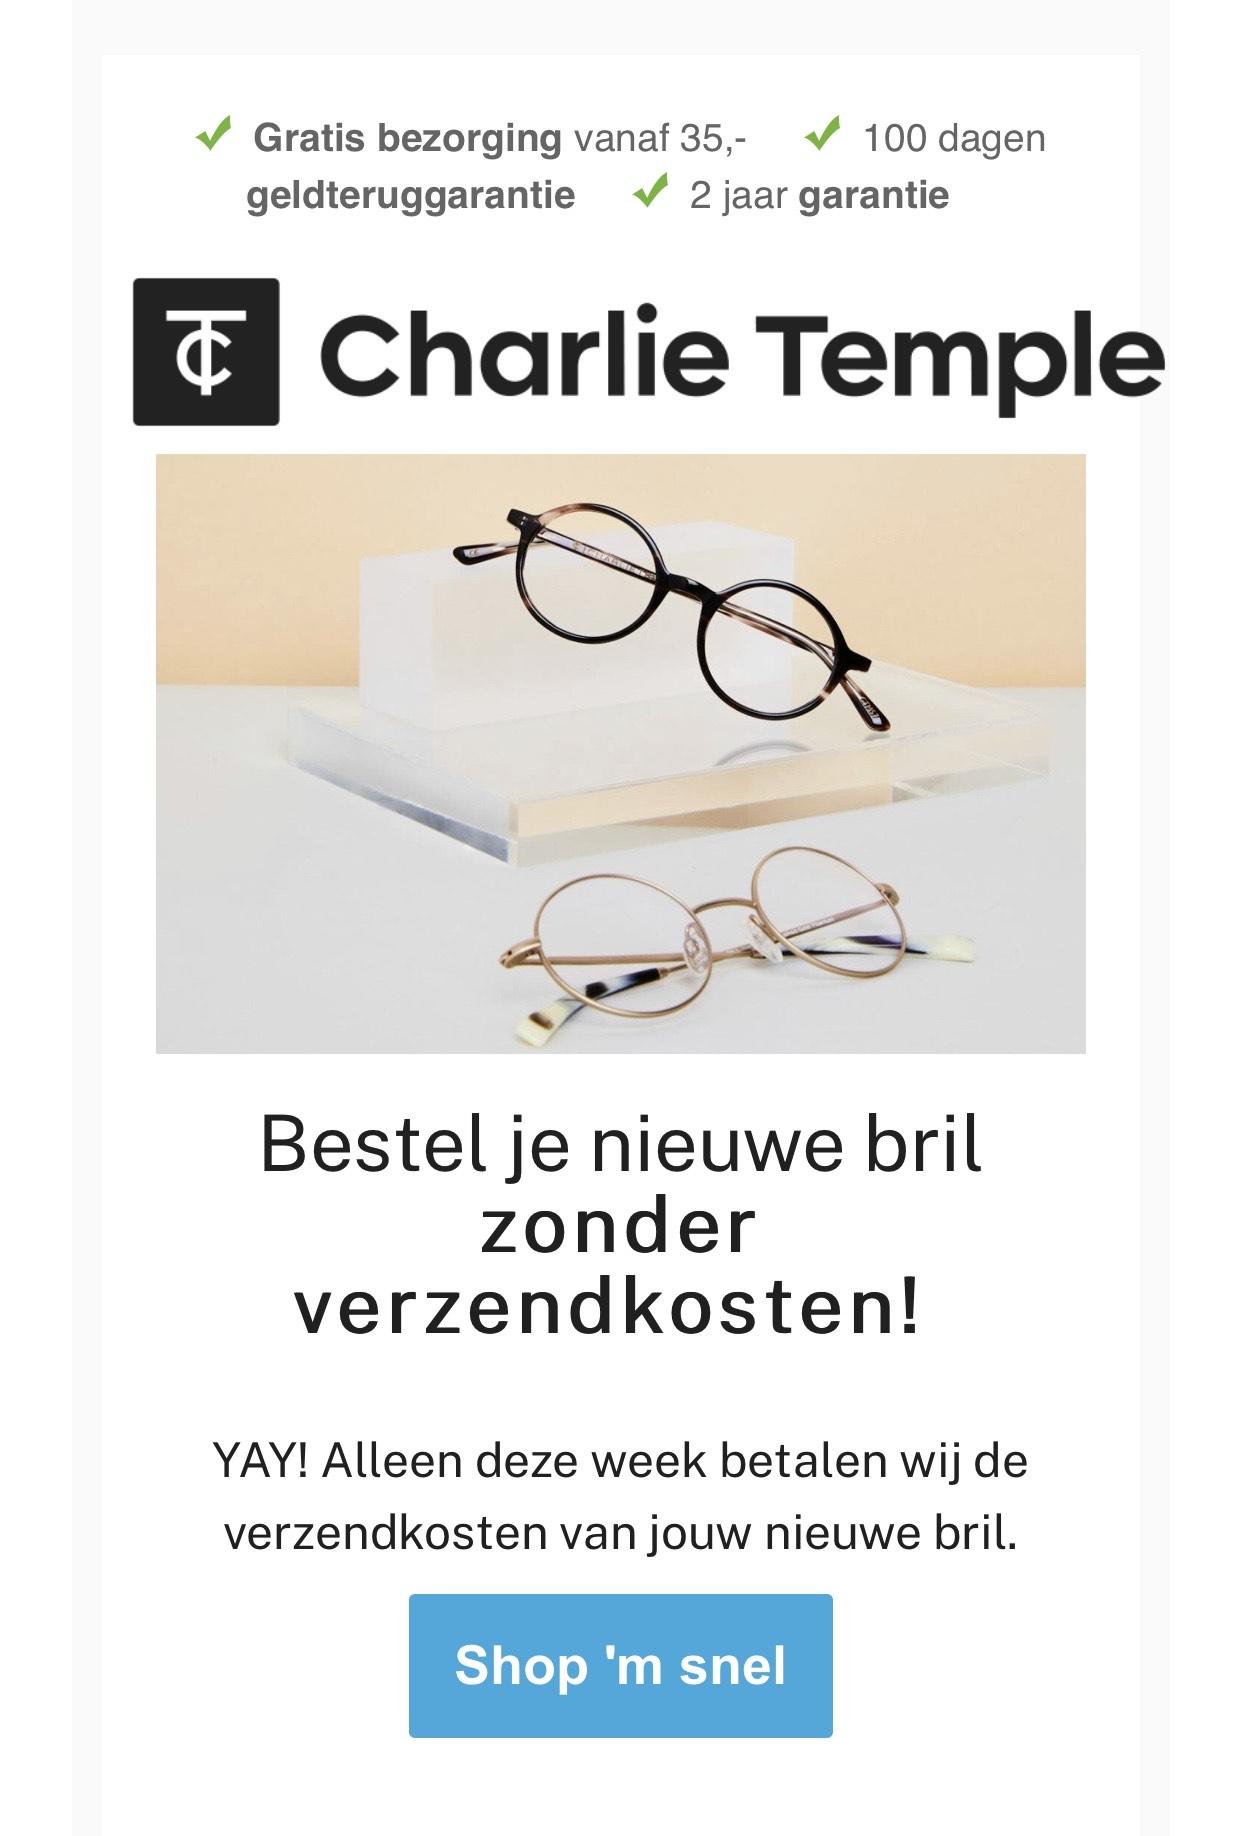 Deze week Geen verzendkosten bij Charlie temple